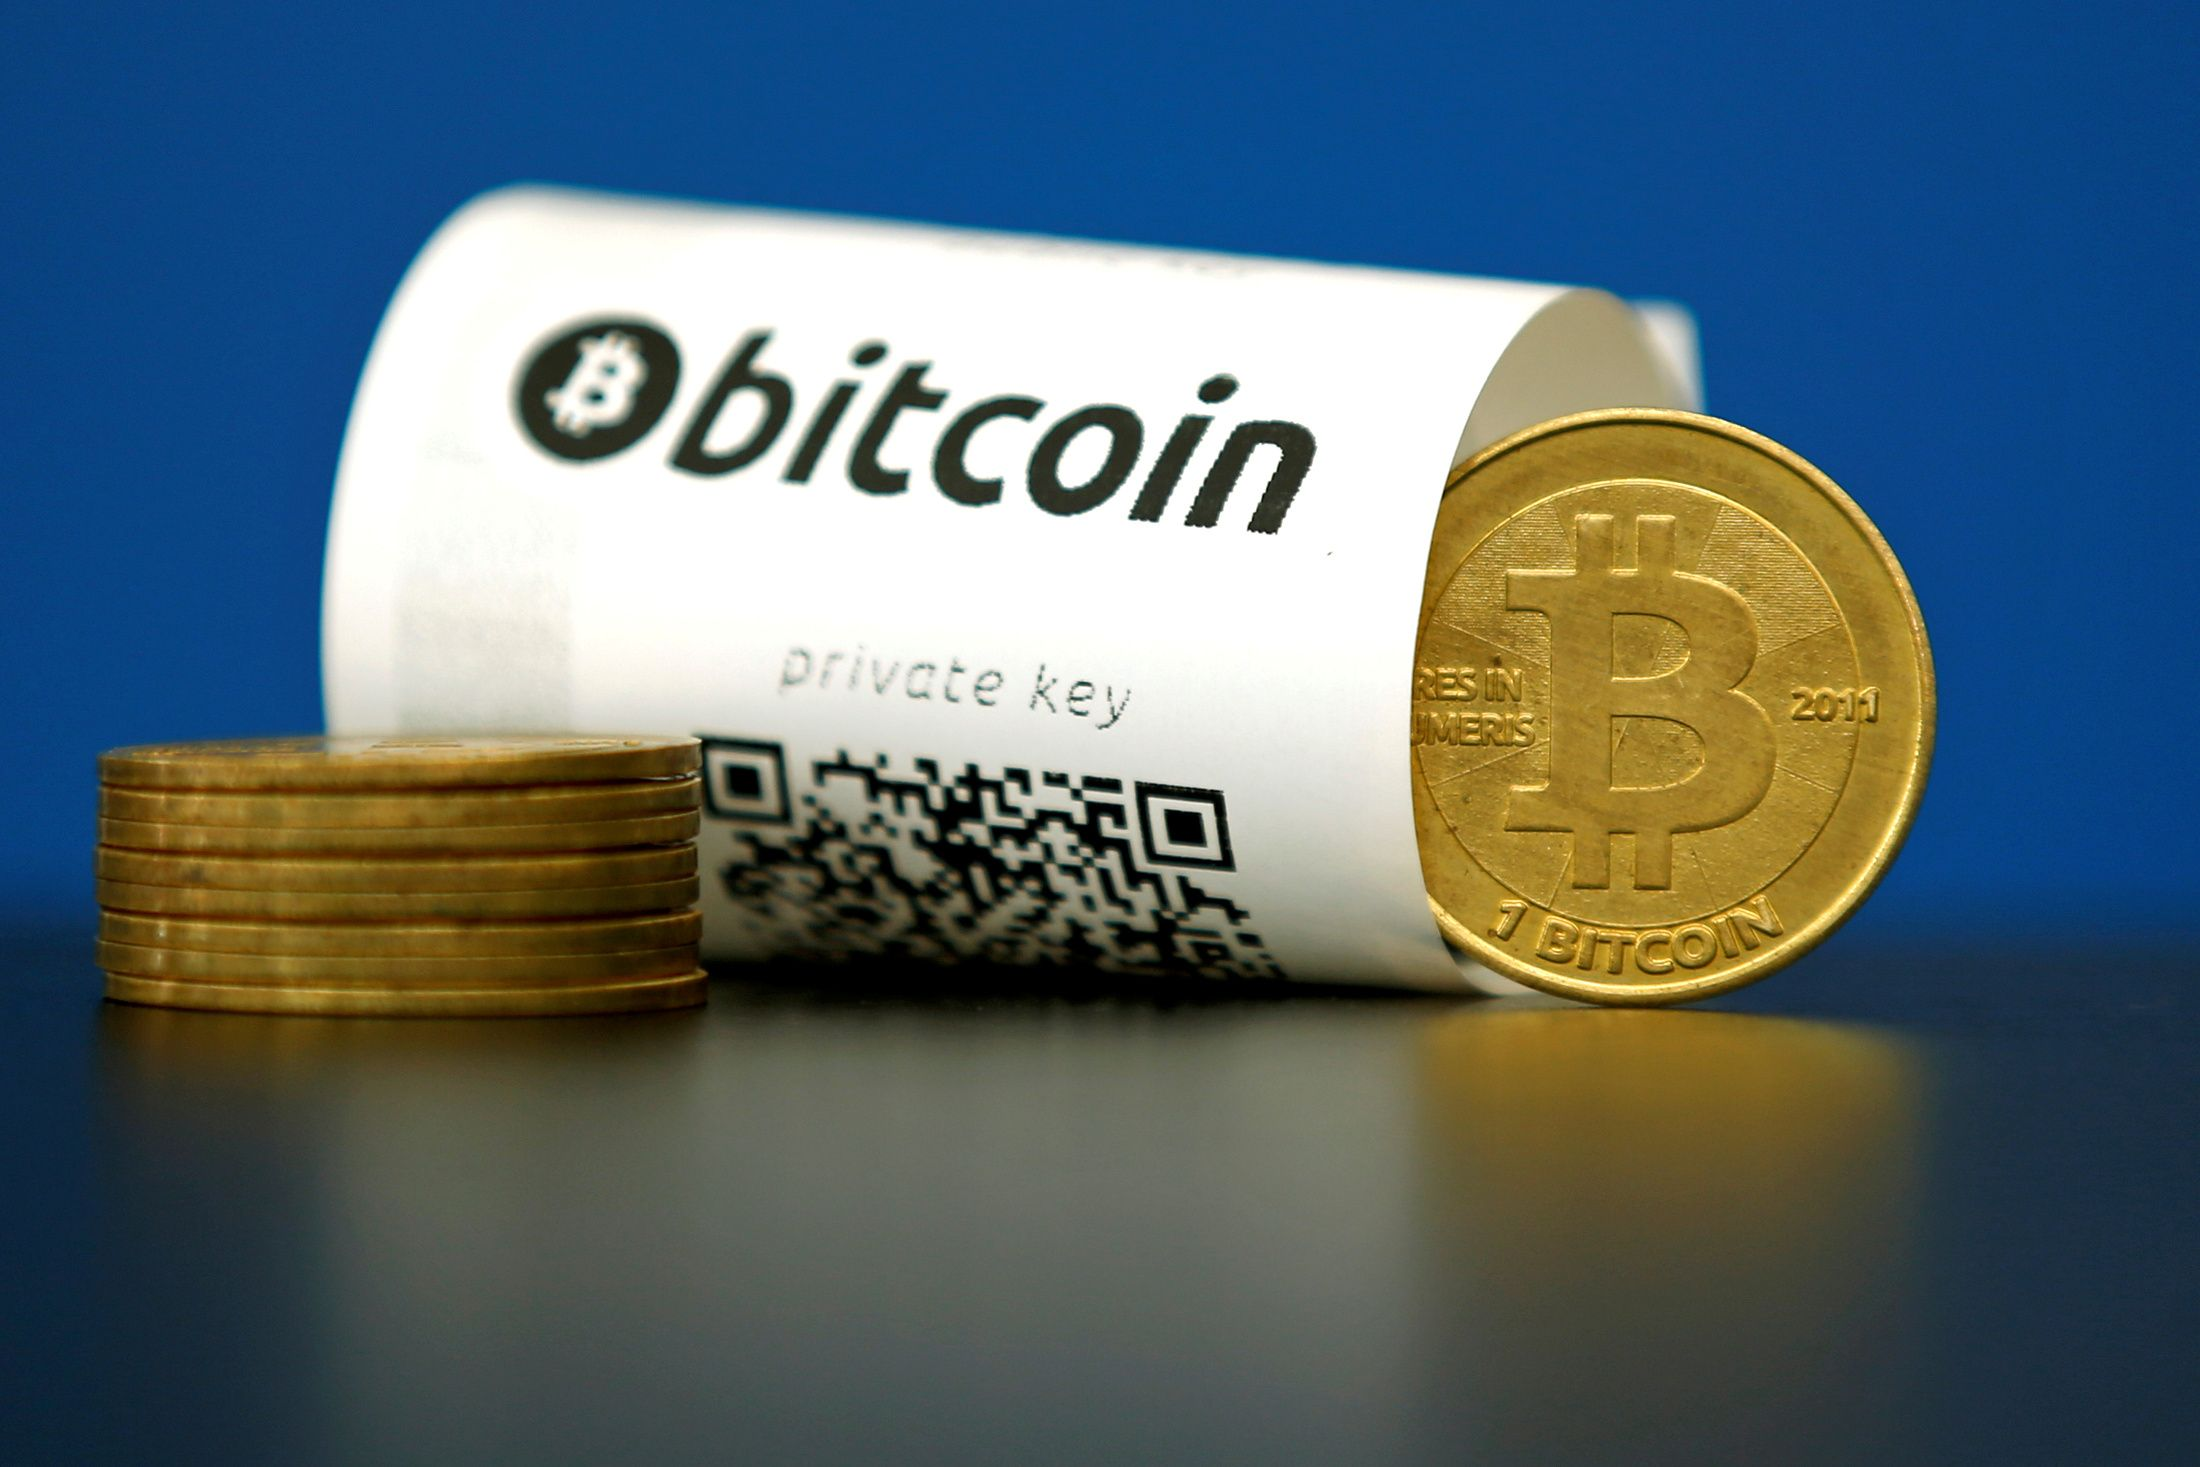 Bitkoinų kainos spurtas: lūkesčiai dėl reikšmingo pripažinimo